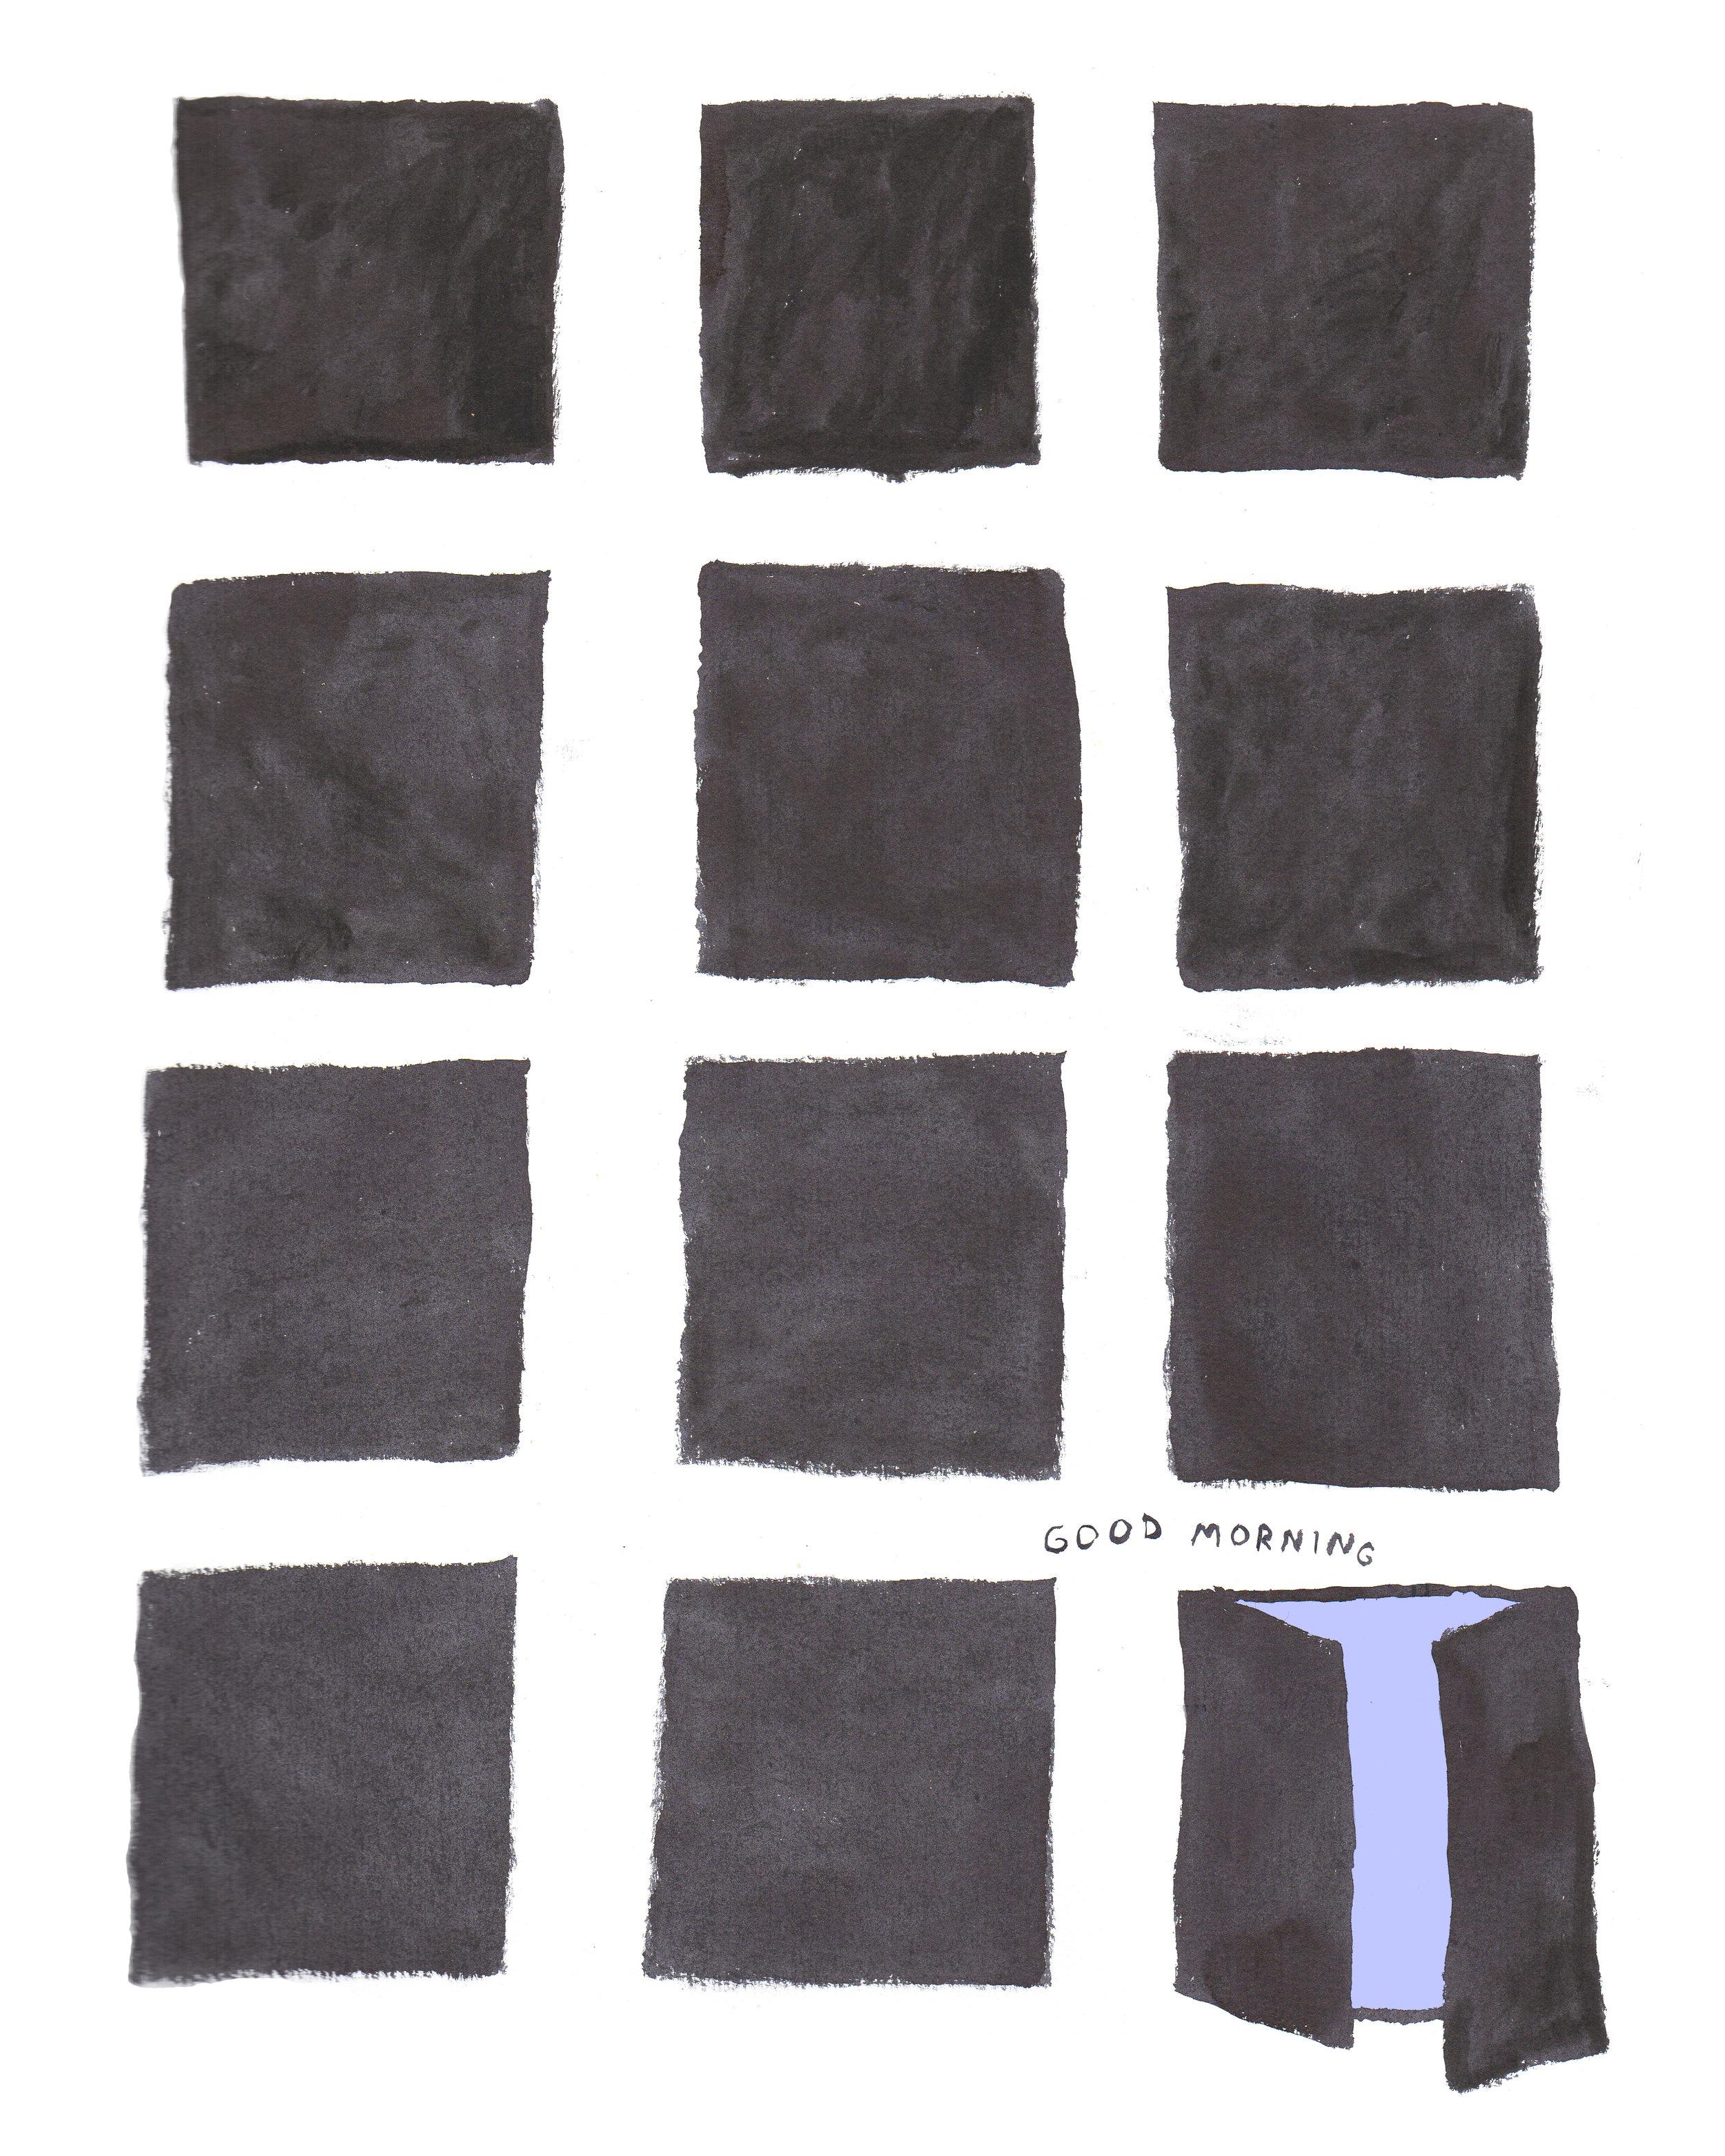 gm blu.jpg